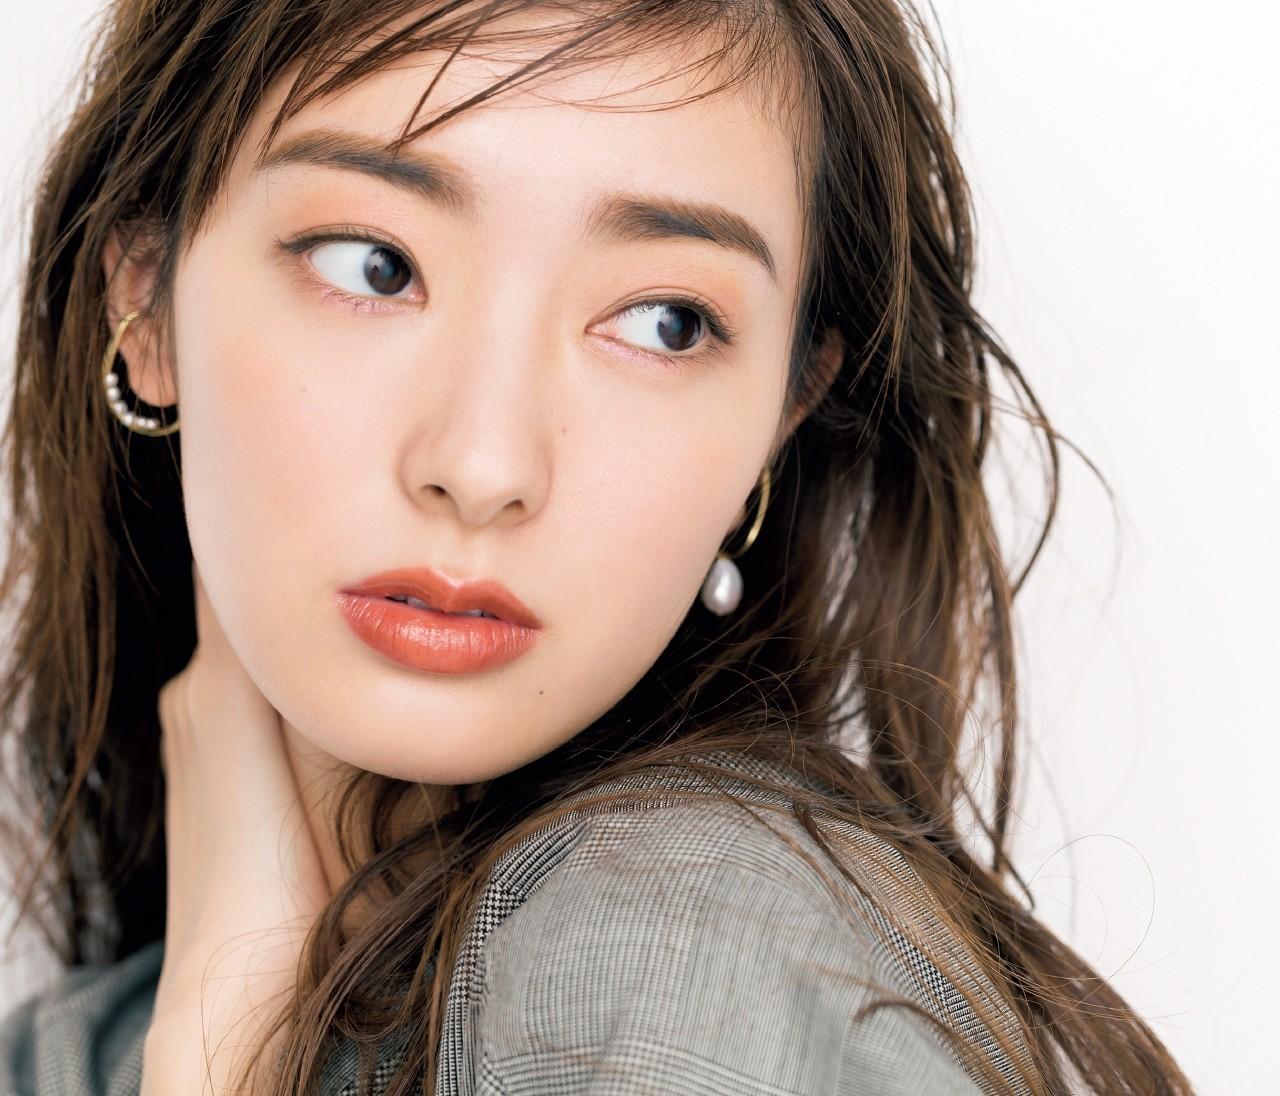 【長井かおりさんの眉メイク】眉ブラシで美人眉をつくる簡単プロセス